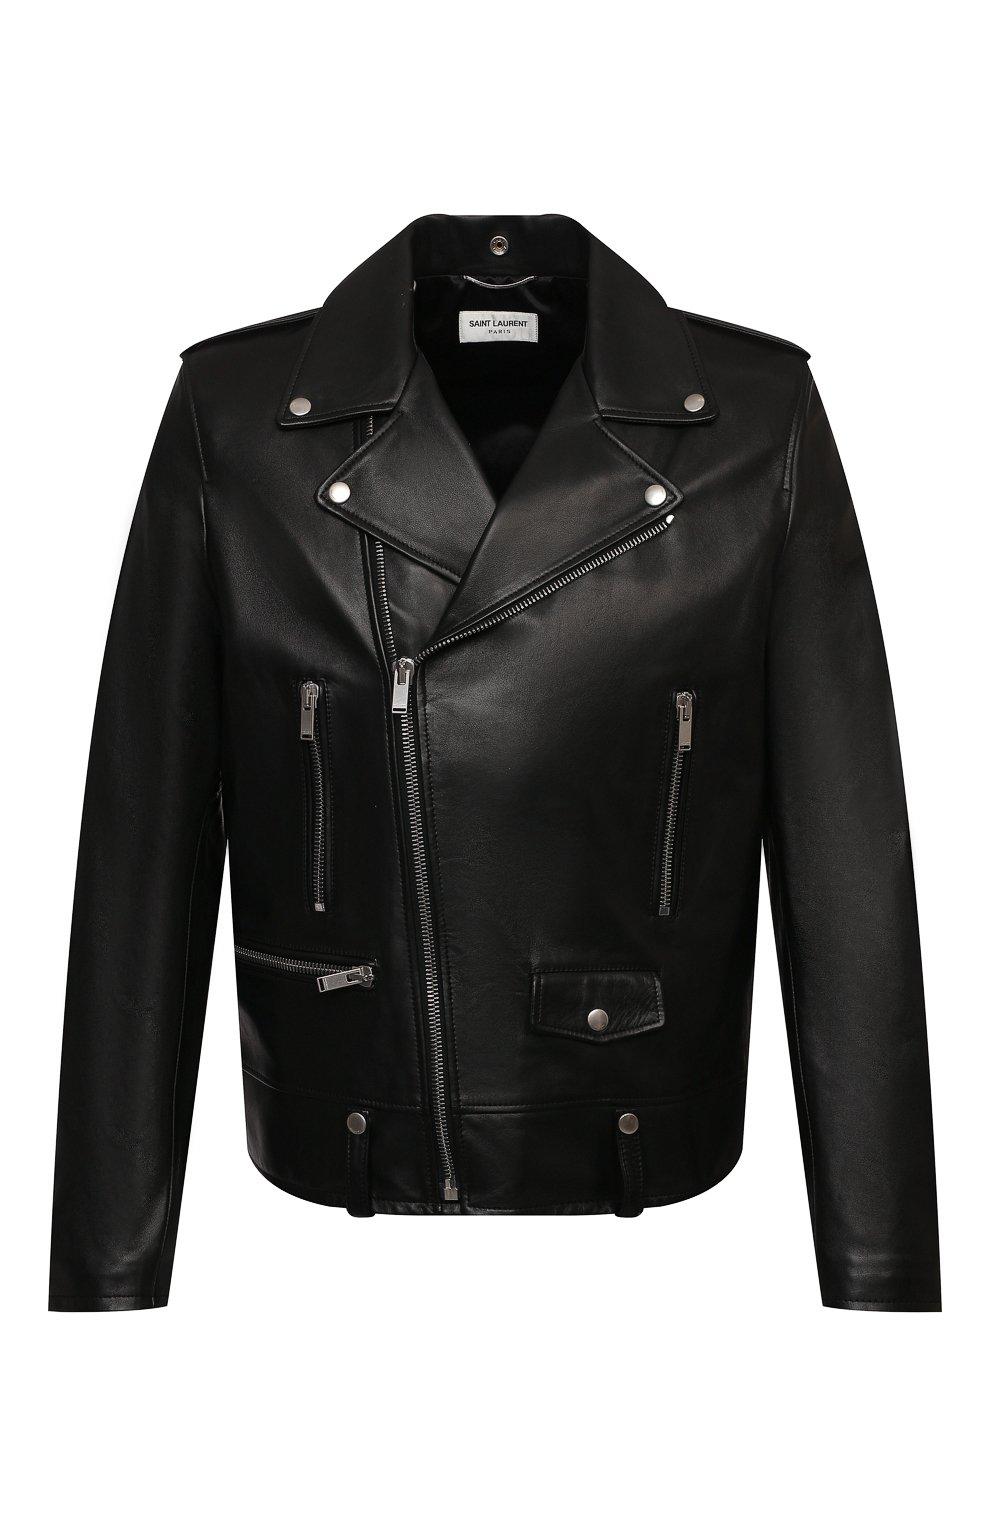 Мужская кожаная куртка SAINT LAURENT черного цвета, арт. 484284/Y5YA2 | Фото 1 (Кросс-КТ: Куртка; Рукава: Длинные; Мужское Кросс-КТ: Куртка-верхняя одежда, Верхняя одежда, Кожа и замша; Длина (верхняя одежда): Короткие; Материал подклада: Купро; Статус проверки: Проверена категория)